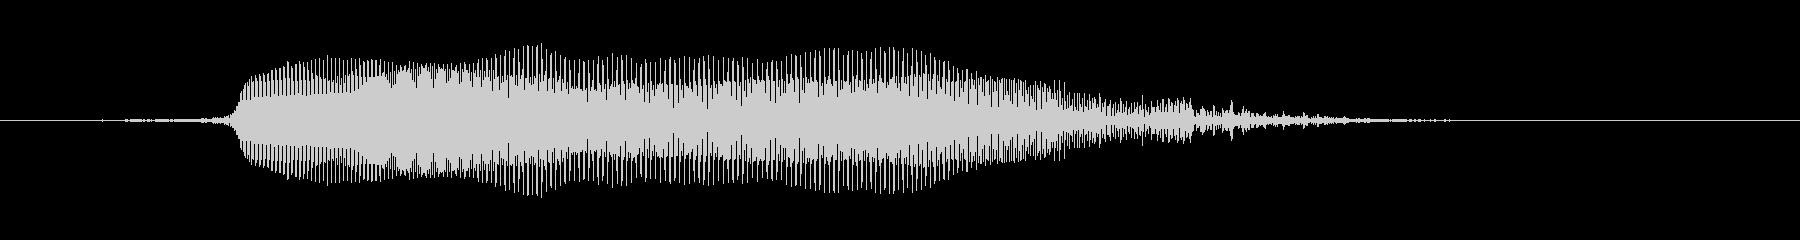 うわぁ!(驚いて)の未再生の波形